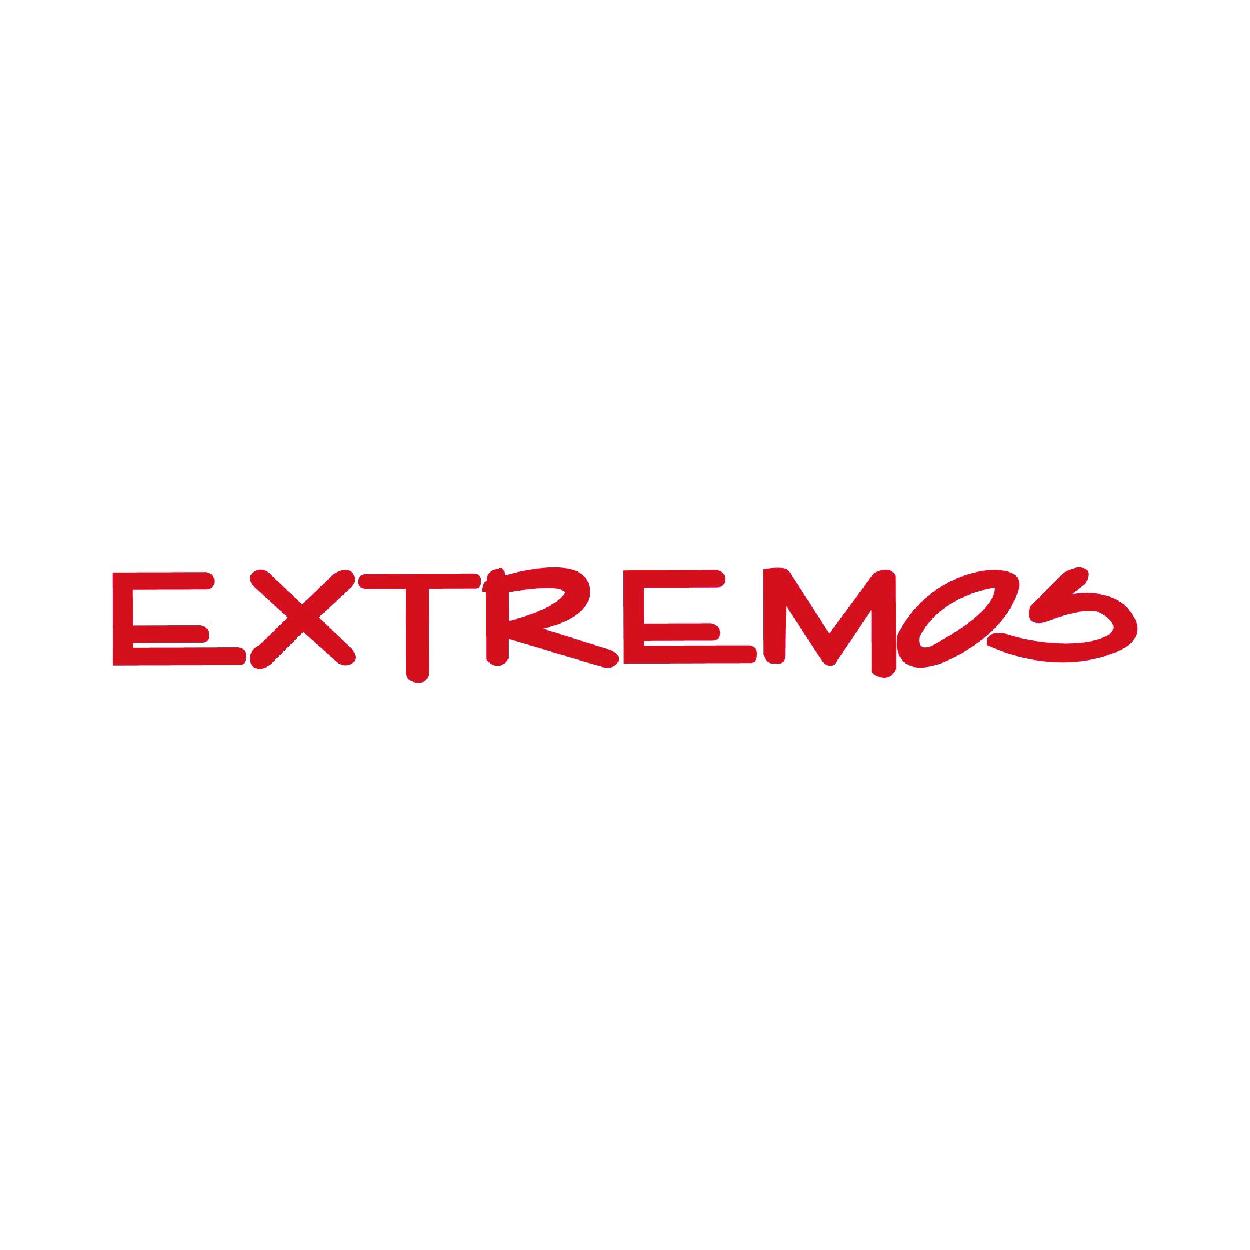 EXTREMOS-01